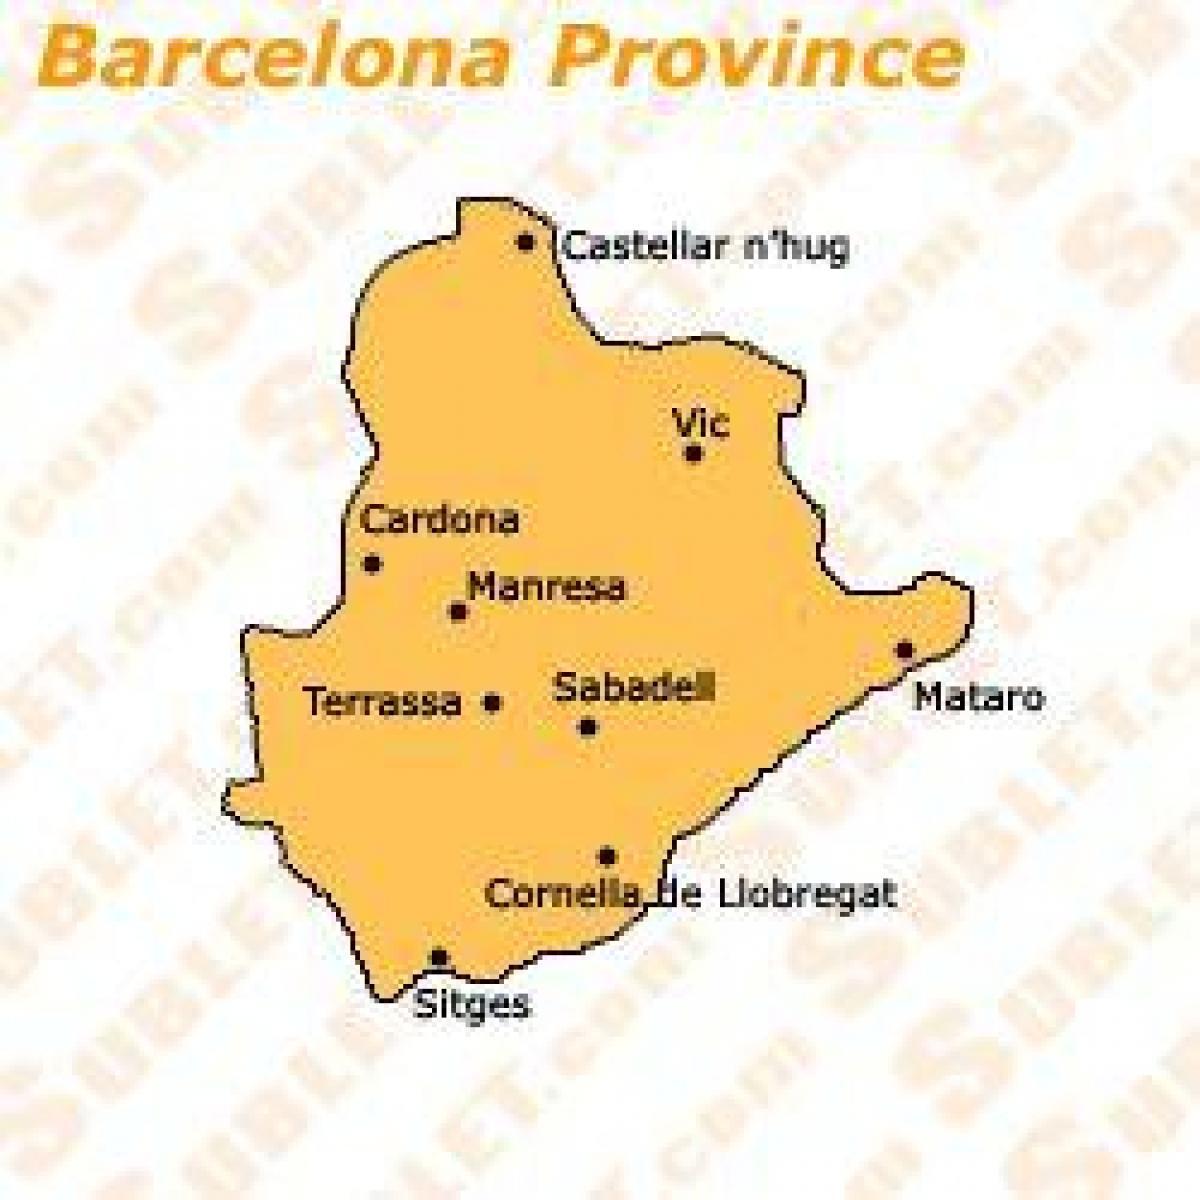 Mapa De Barcelona Provincia.Barcelona Provincia Mapa Plano De Barcelona Provincia